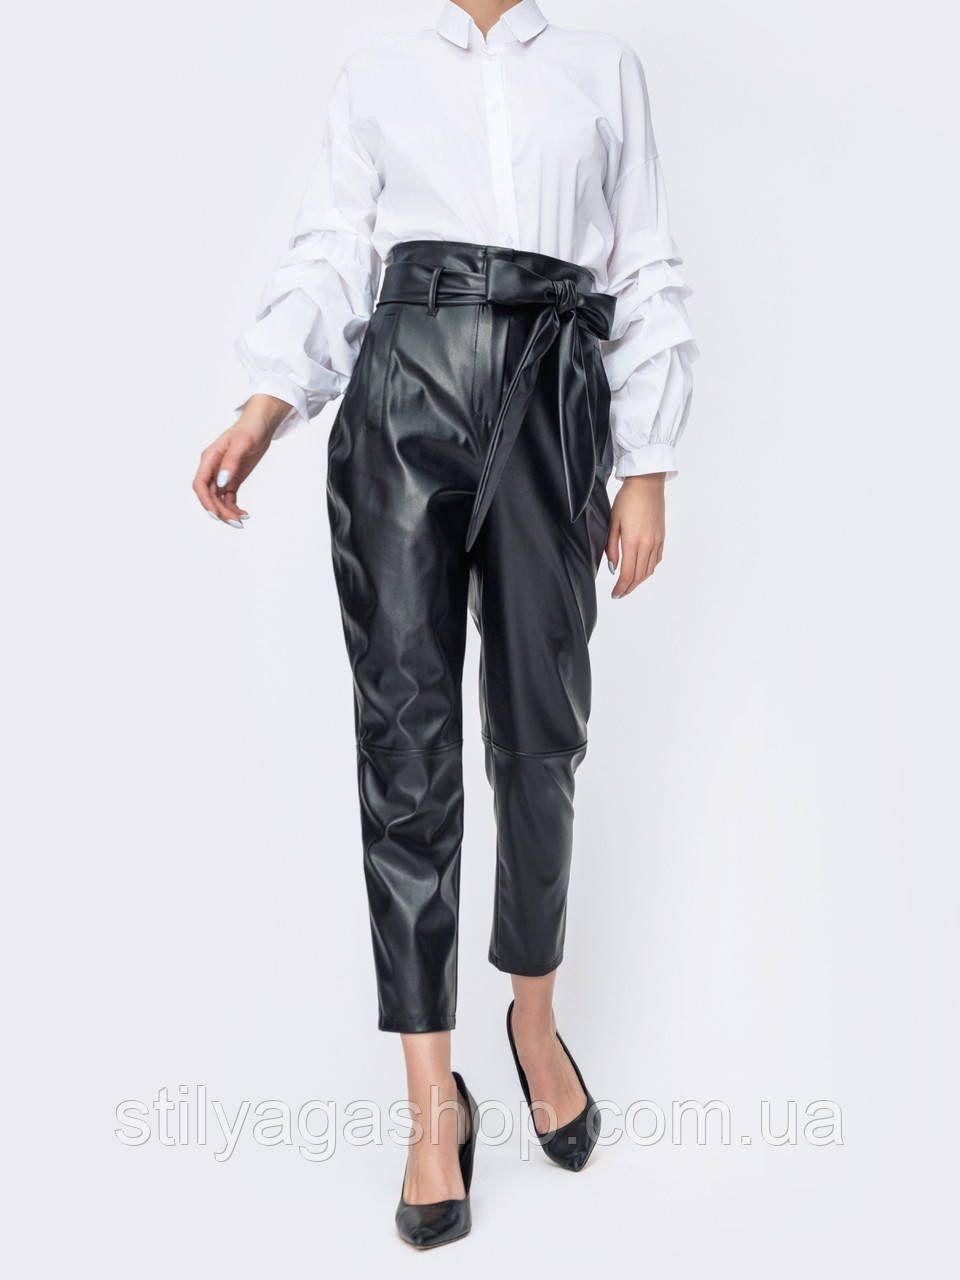 Кожаные укороченные брюки с высокой посадкой